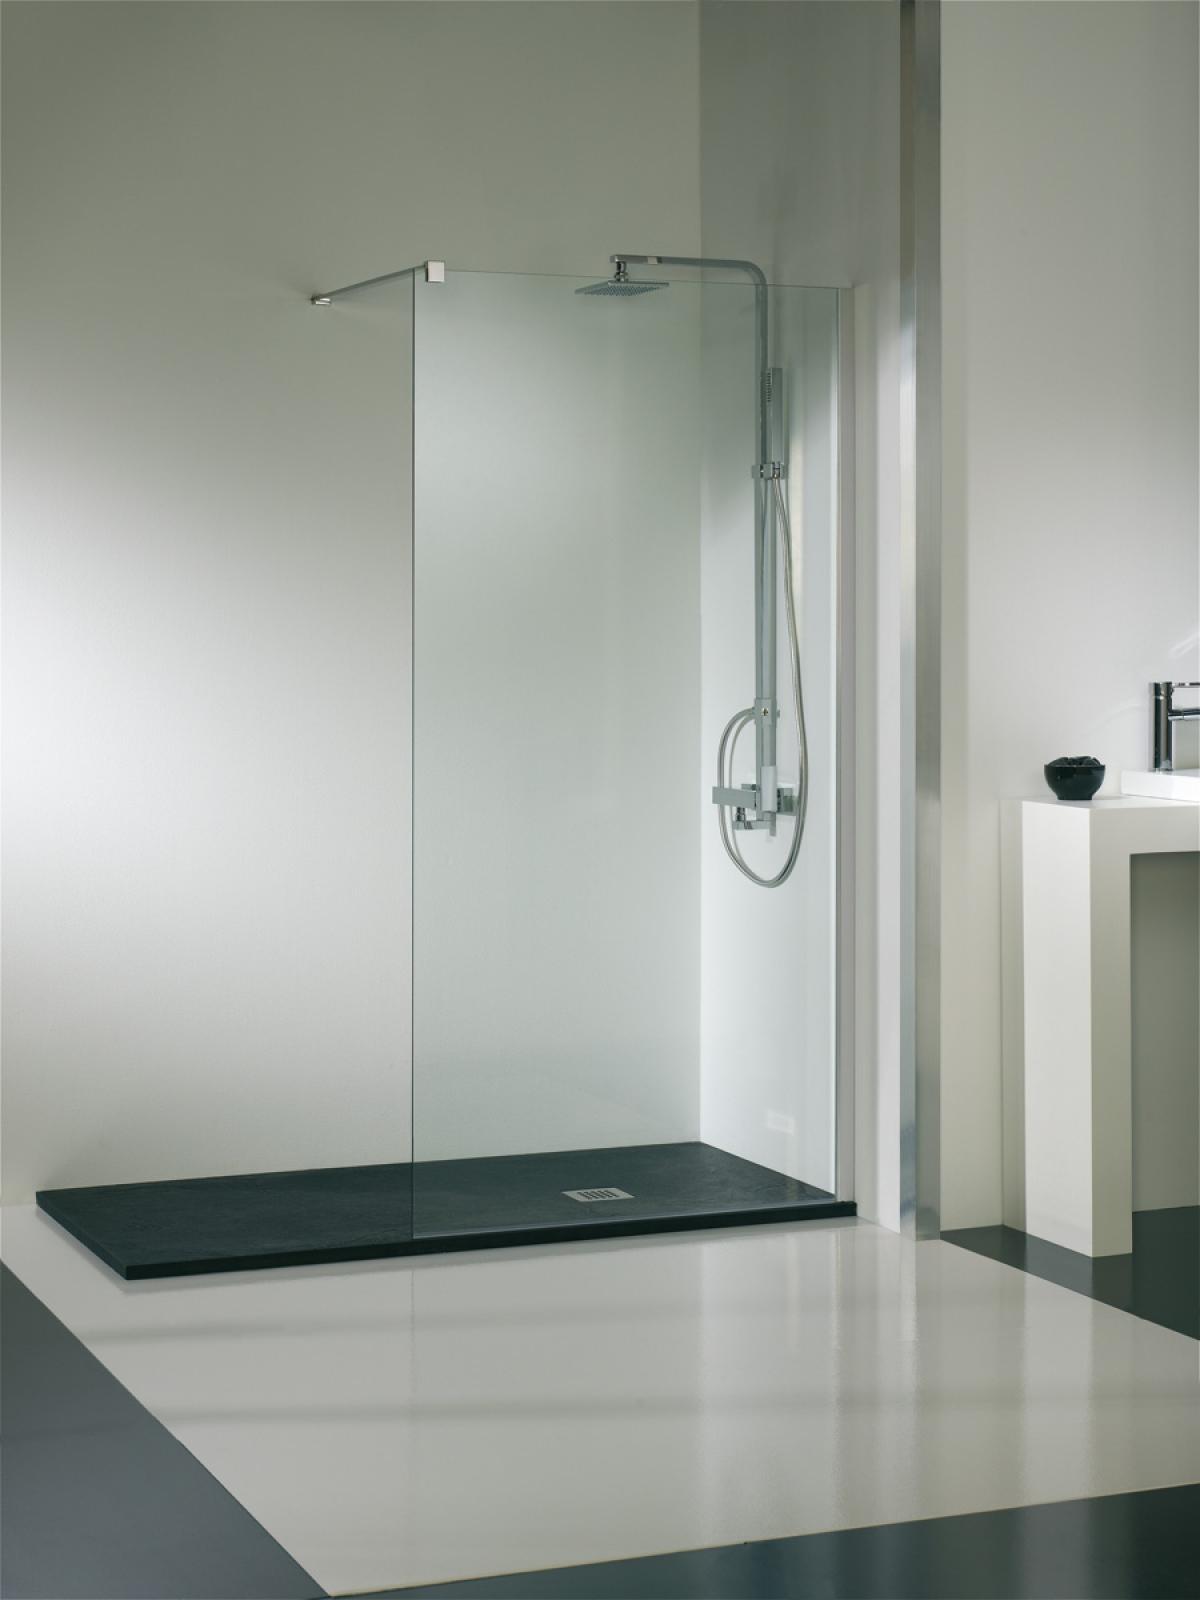 receveur de douche aqua solidstone aquacento induscabel salle de bains chauffage et cuisine. Black Bedroom Furniture Sets. Home Design Ideas